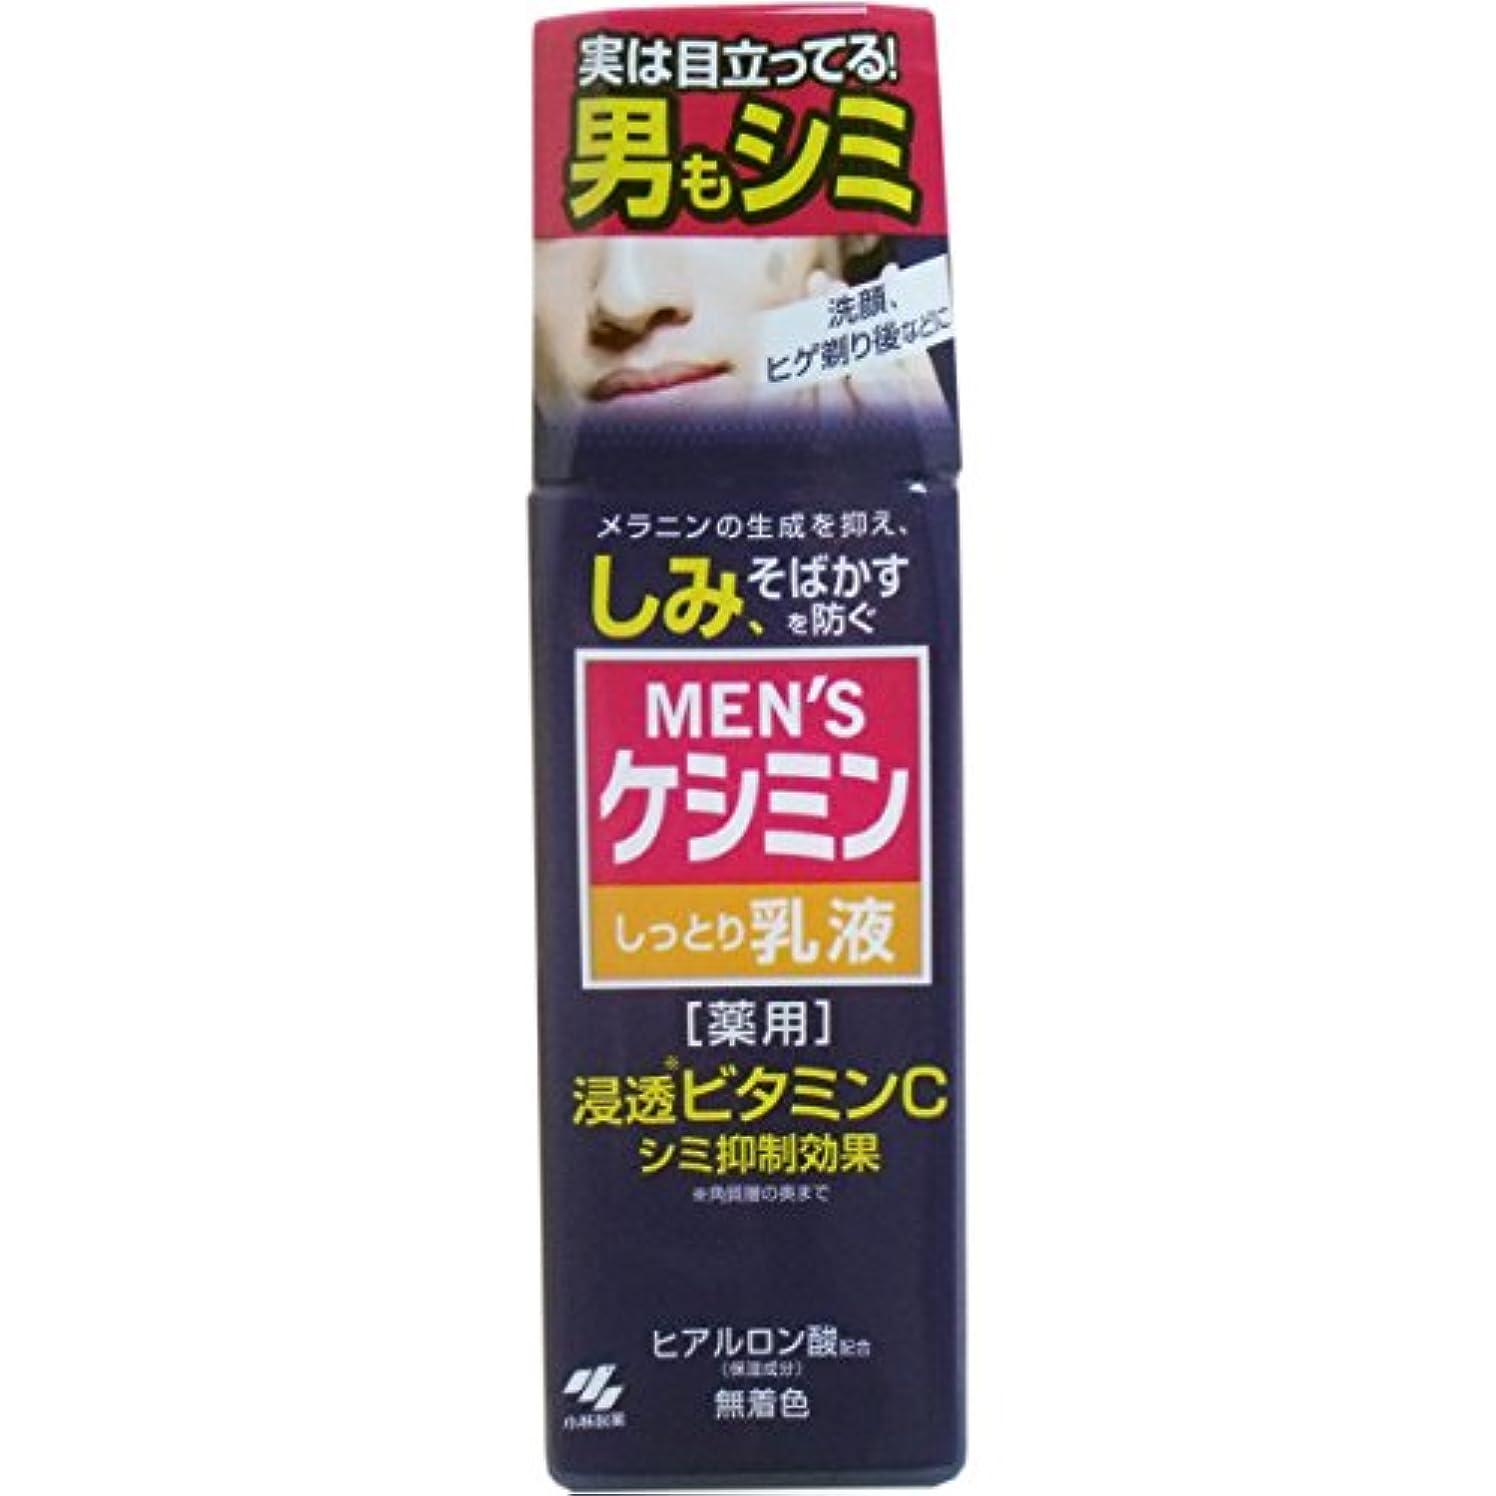 比較的非常に怒っています批判的に【小林製薬】メンズケシミン乳液 110ml ×3個セット